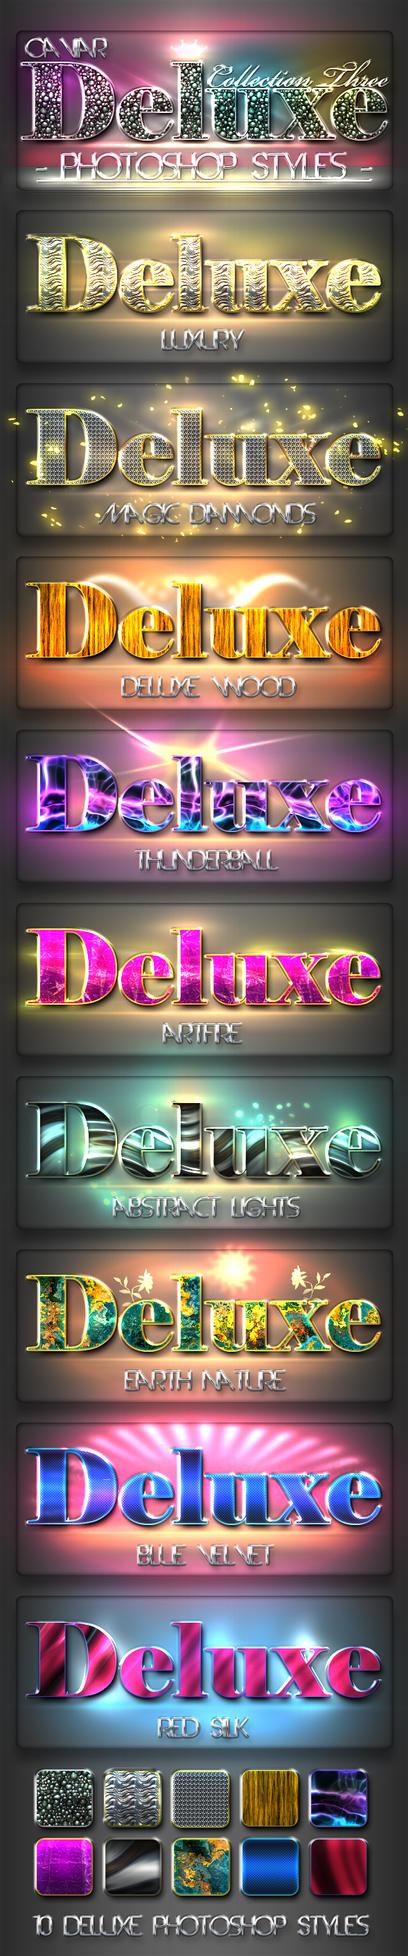 10 DeLuxe Photoshop Layer Styles C3 by MuzikizumWeb